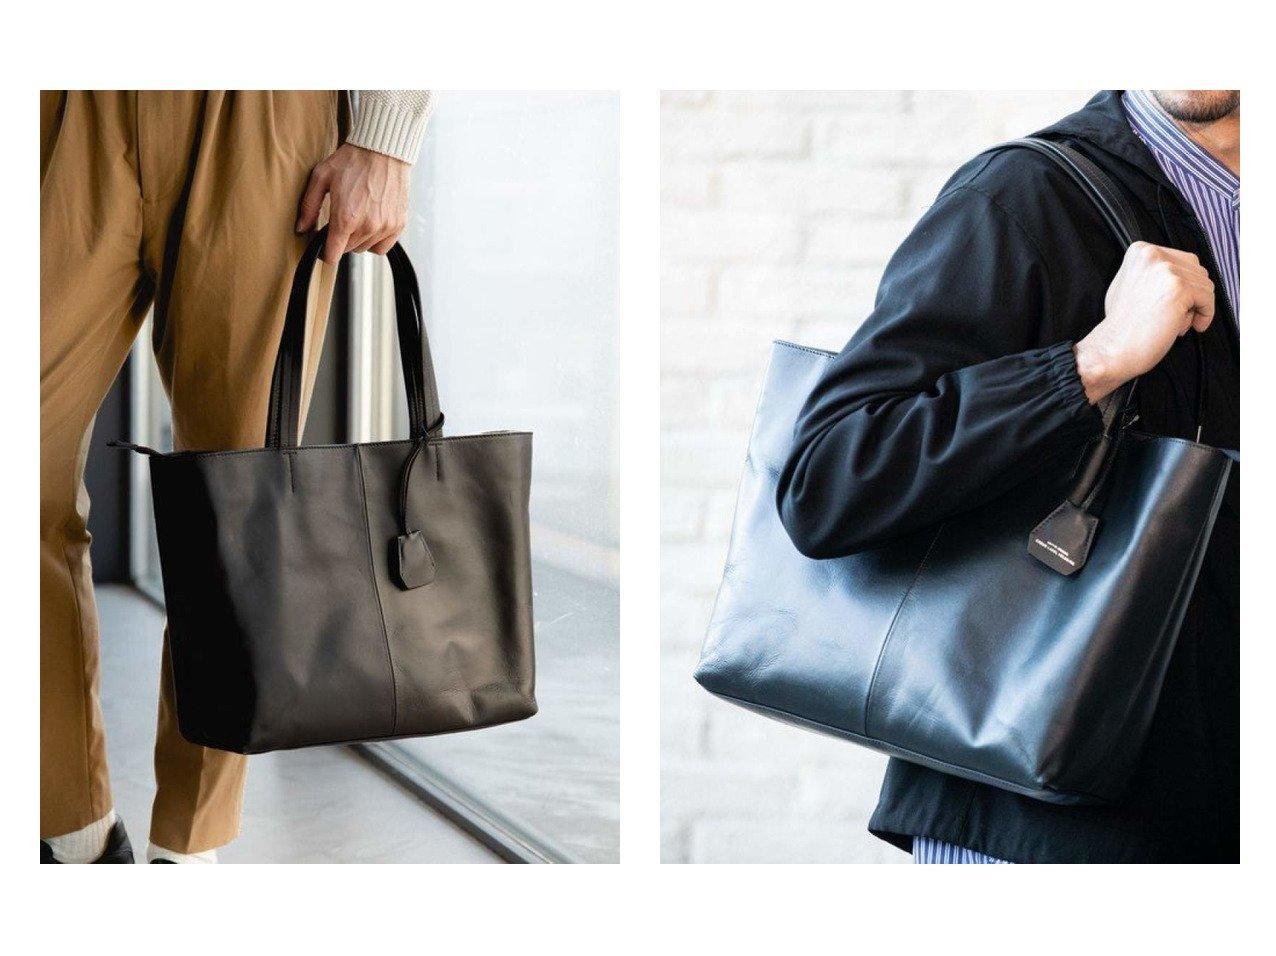 【green label relaxing / UNITED ARROWS / MEN/グリーンレーベルリラクシング メン】のSC GLR ファンクショナル レザートート バッグ 【MEN】男性のおすすめ!人気、メンズファッションの通販 おすすめで人気のファッション通販商品 インテリア・家具・キッズファッション・メンズファッション・レディースファッション・服の通販 founy(ファニー) https://founy.com/ ファッション Fashion メンズ MEN バッグ Bag Men トートバッグ Tote Bags ウォレット クッション 傘 定番 ポケット マグネット メッシュ  ID:crp329100000003920